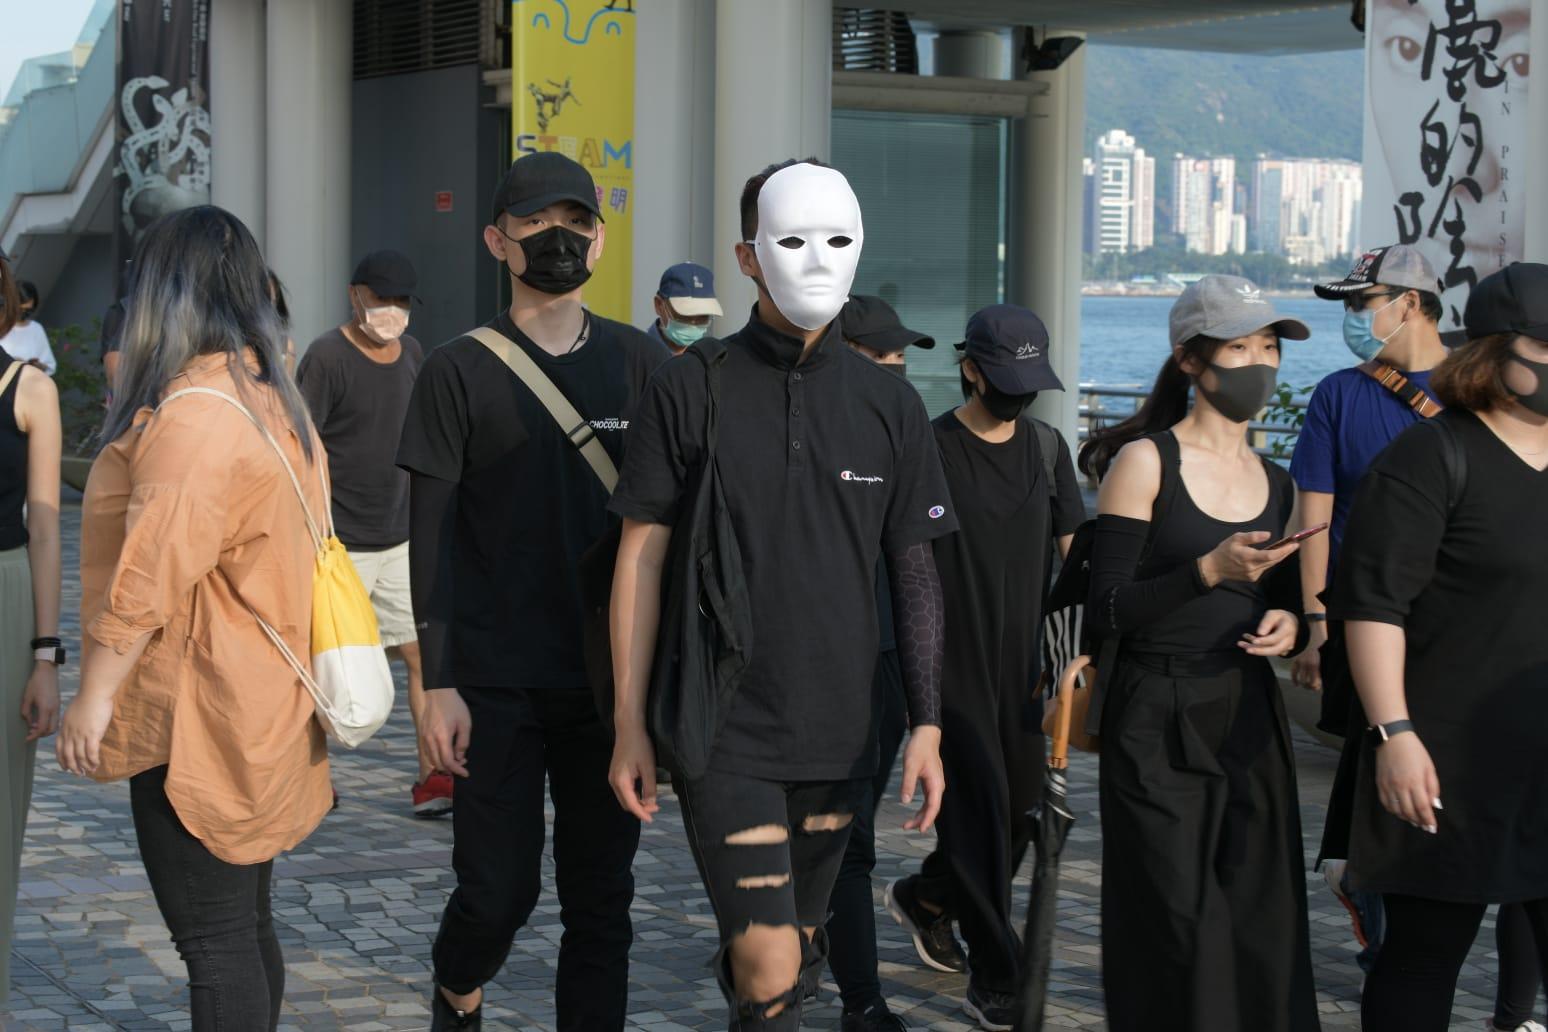 【修例风波】黑衣戴口罩示威者广东道弥敦道筑成人链 店舖落闸